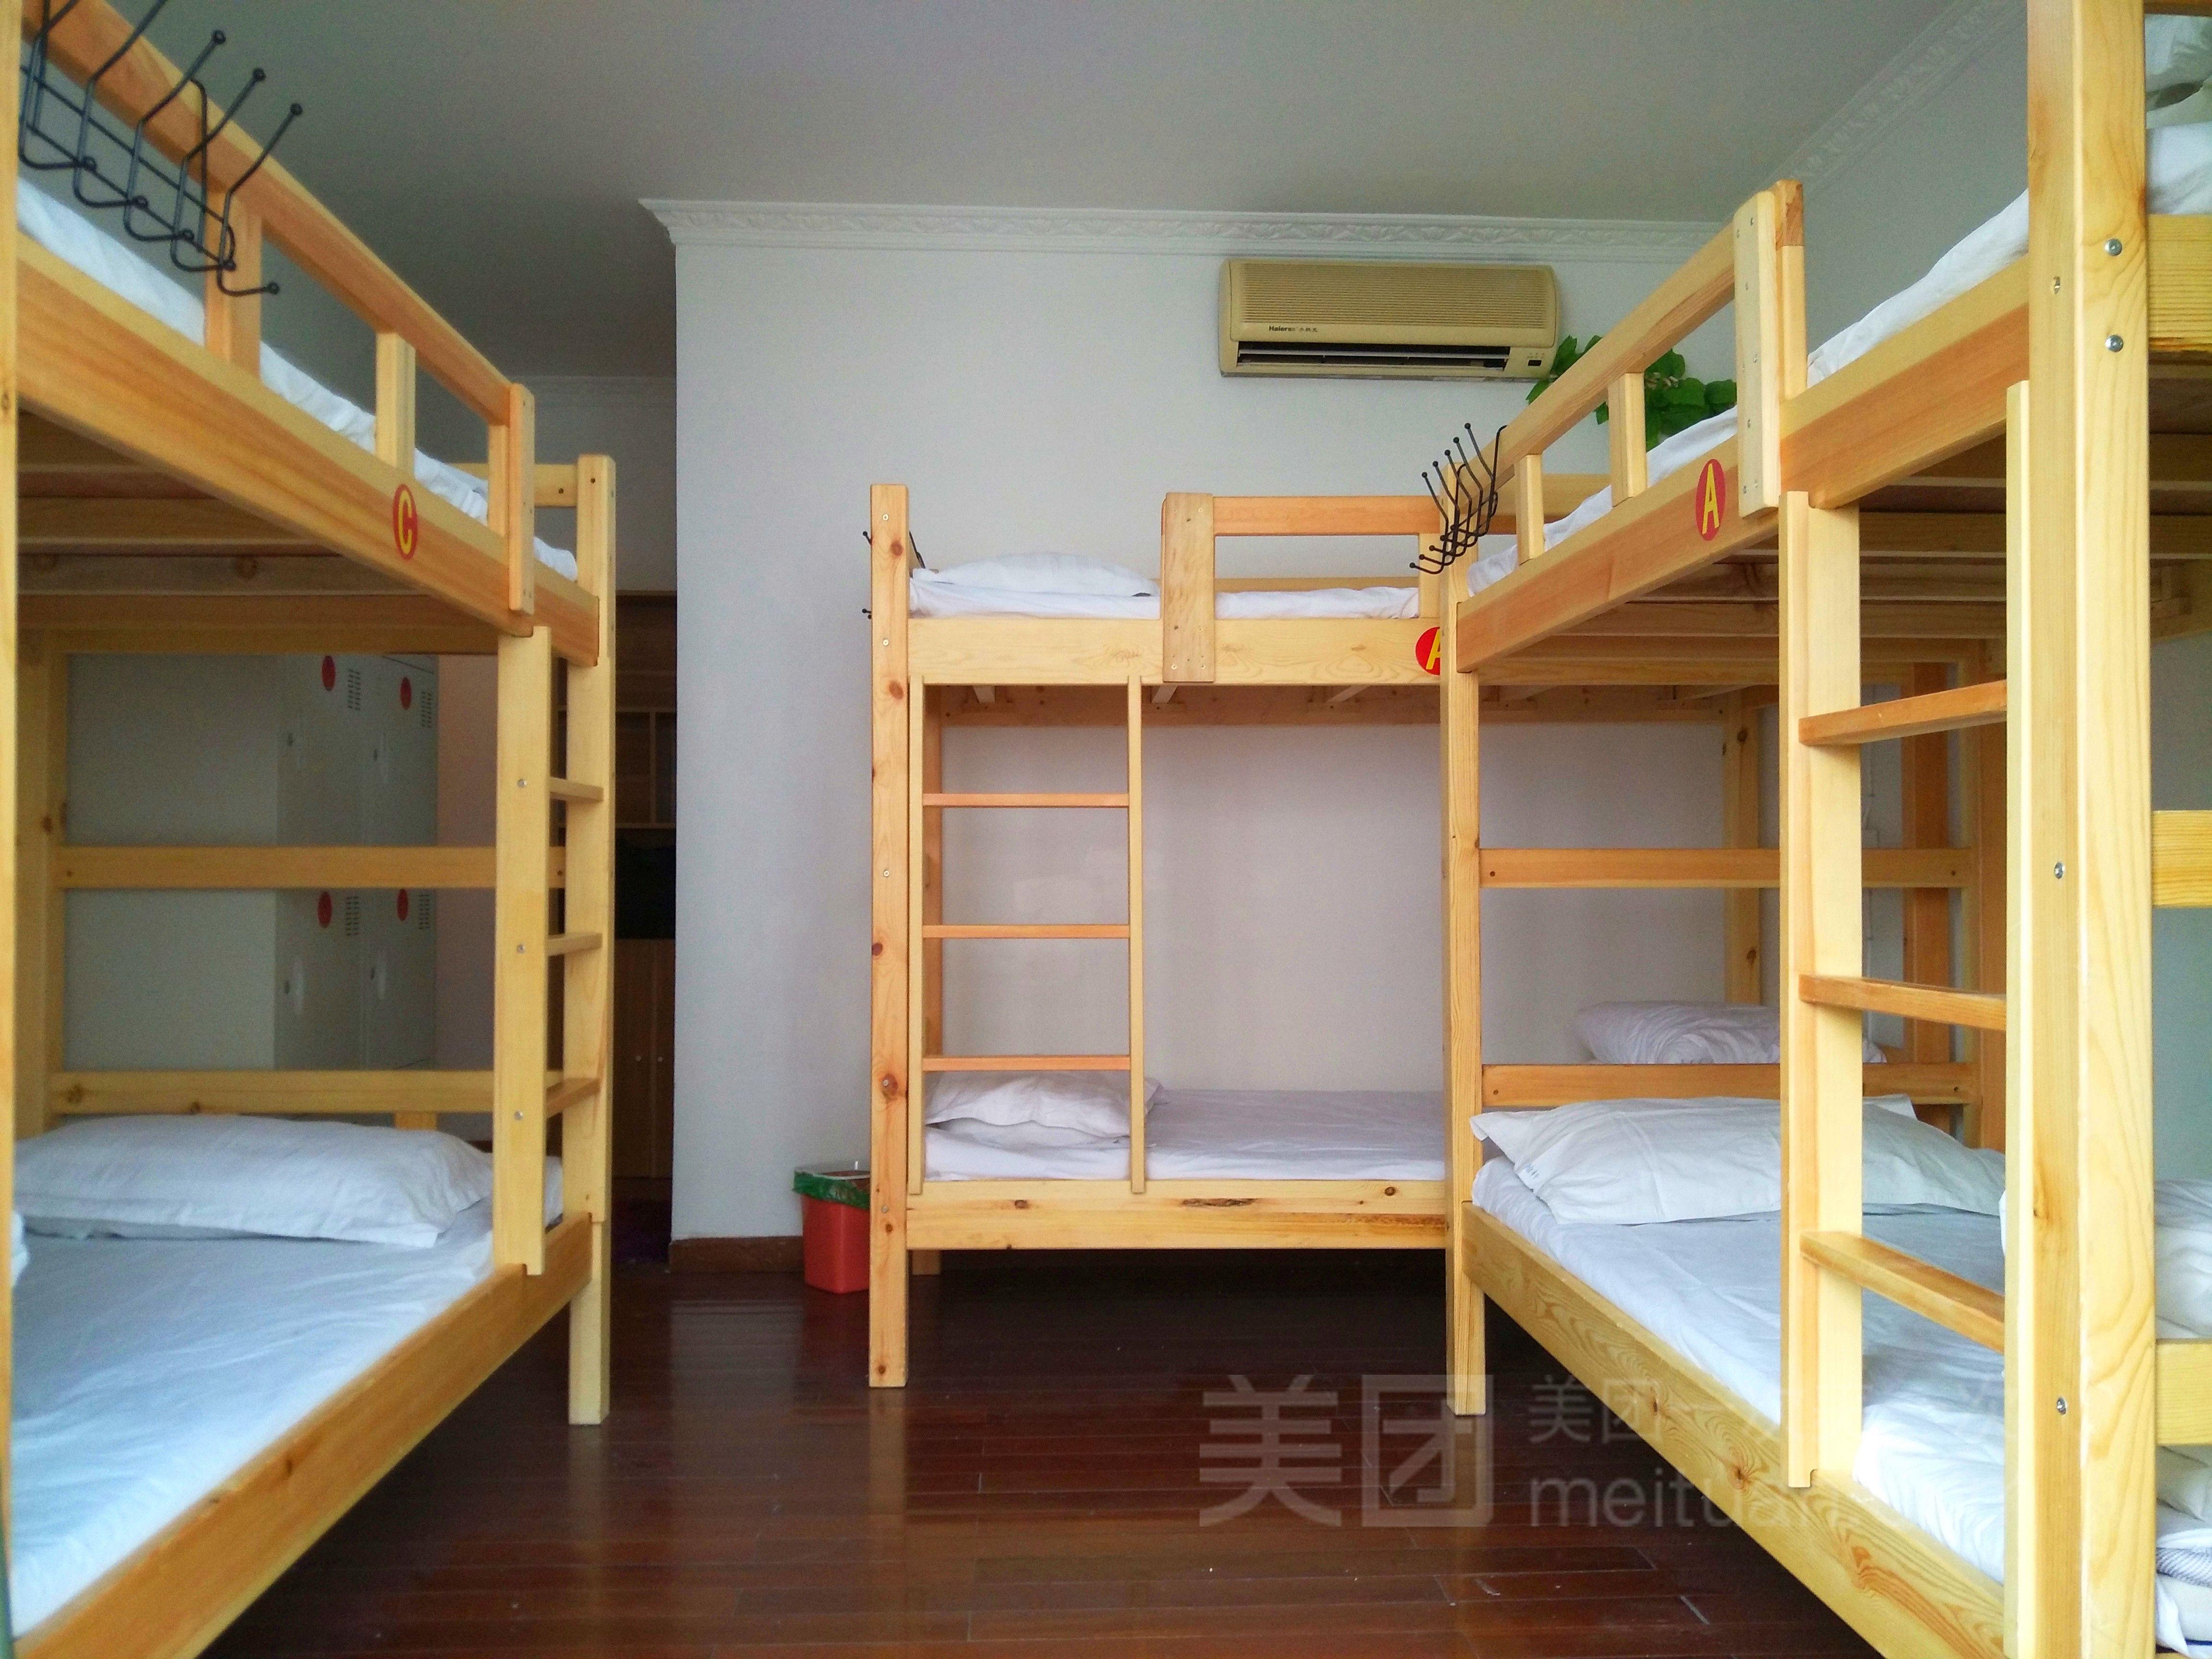 安然青年公寓预订/团购